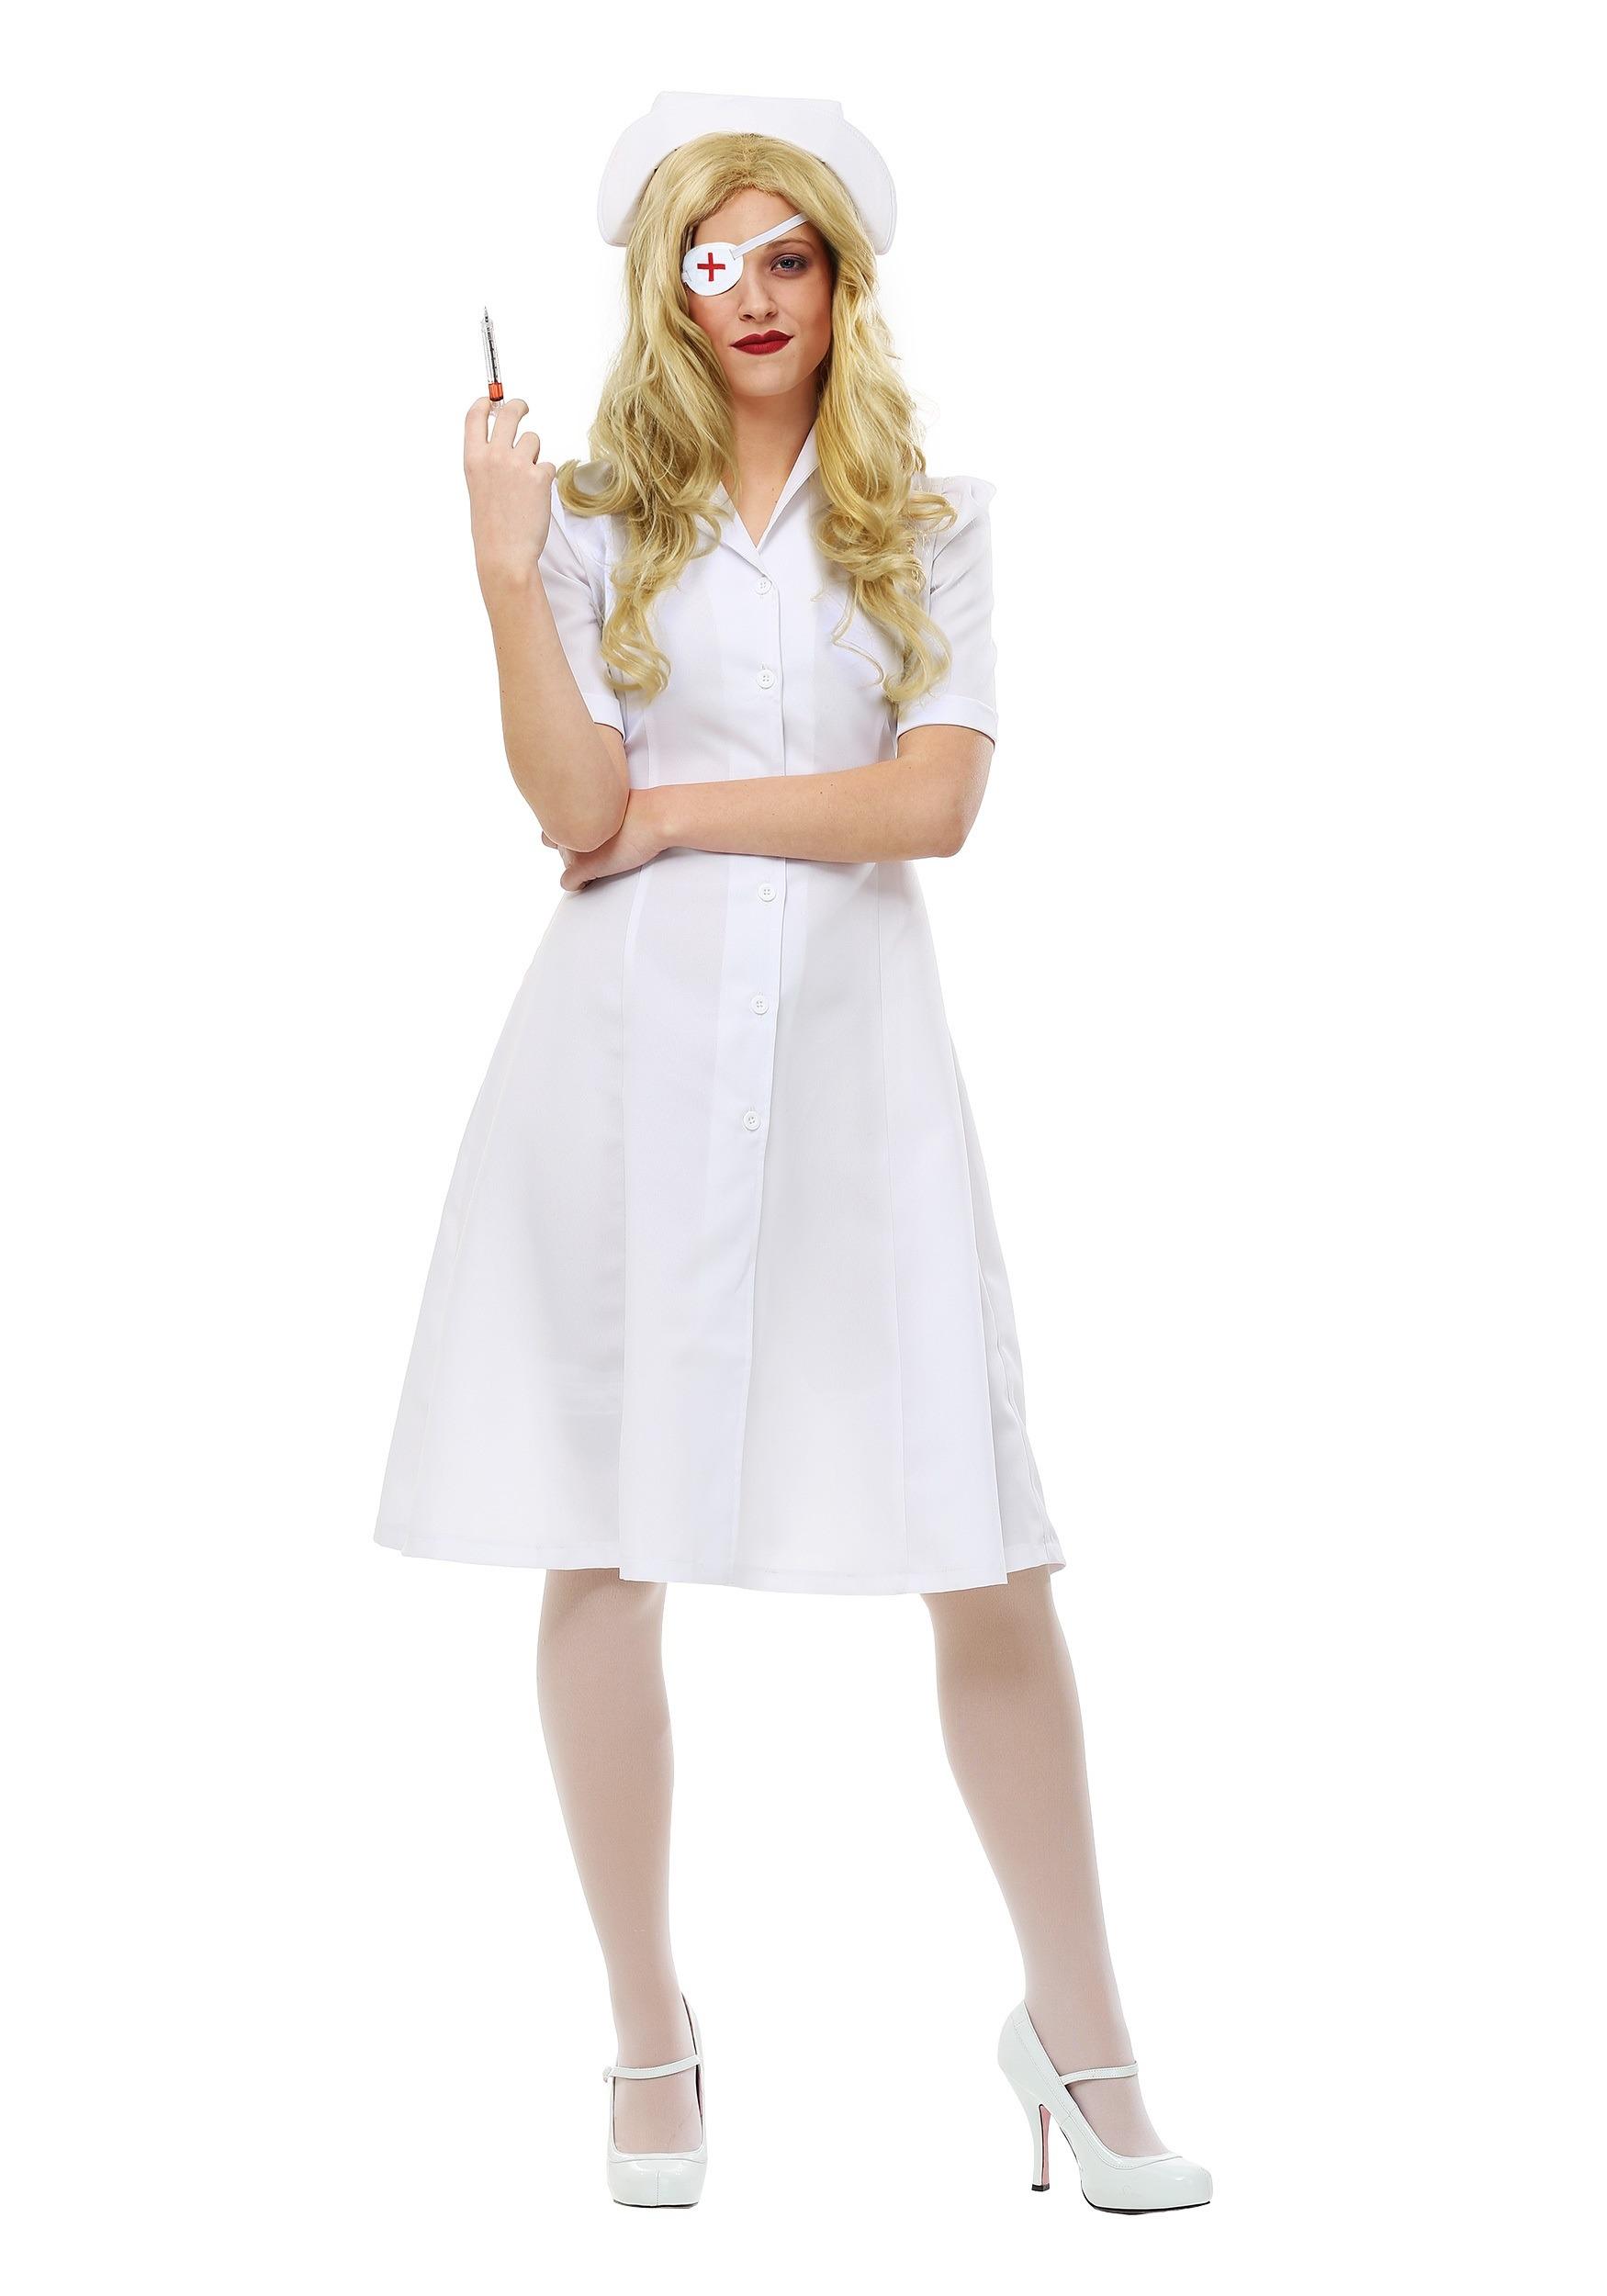 Kill Bill Elle Driver Nurse Womens Costume FUN0204AD